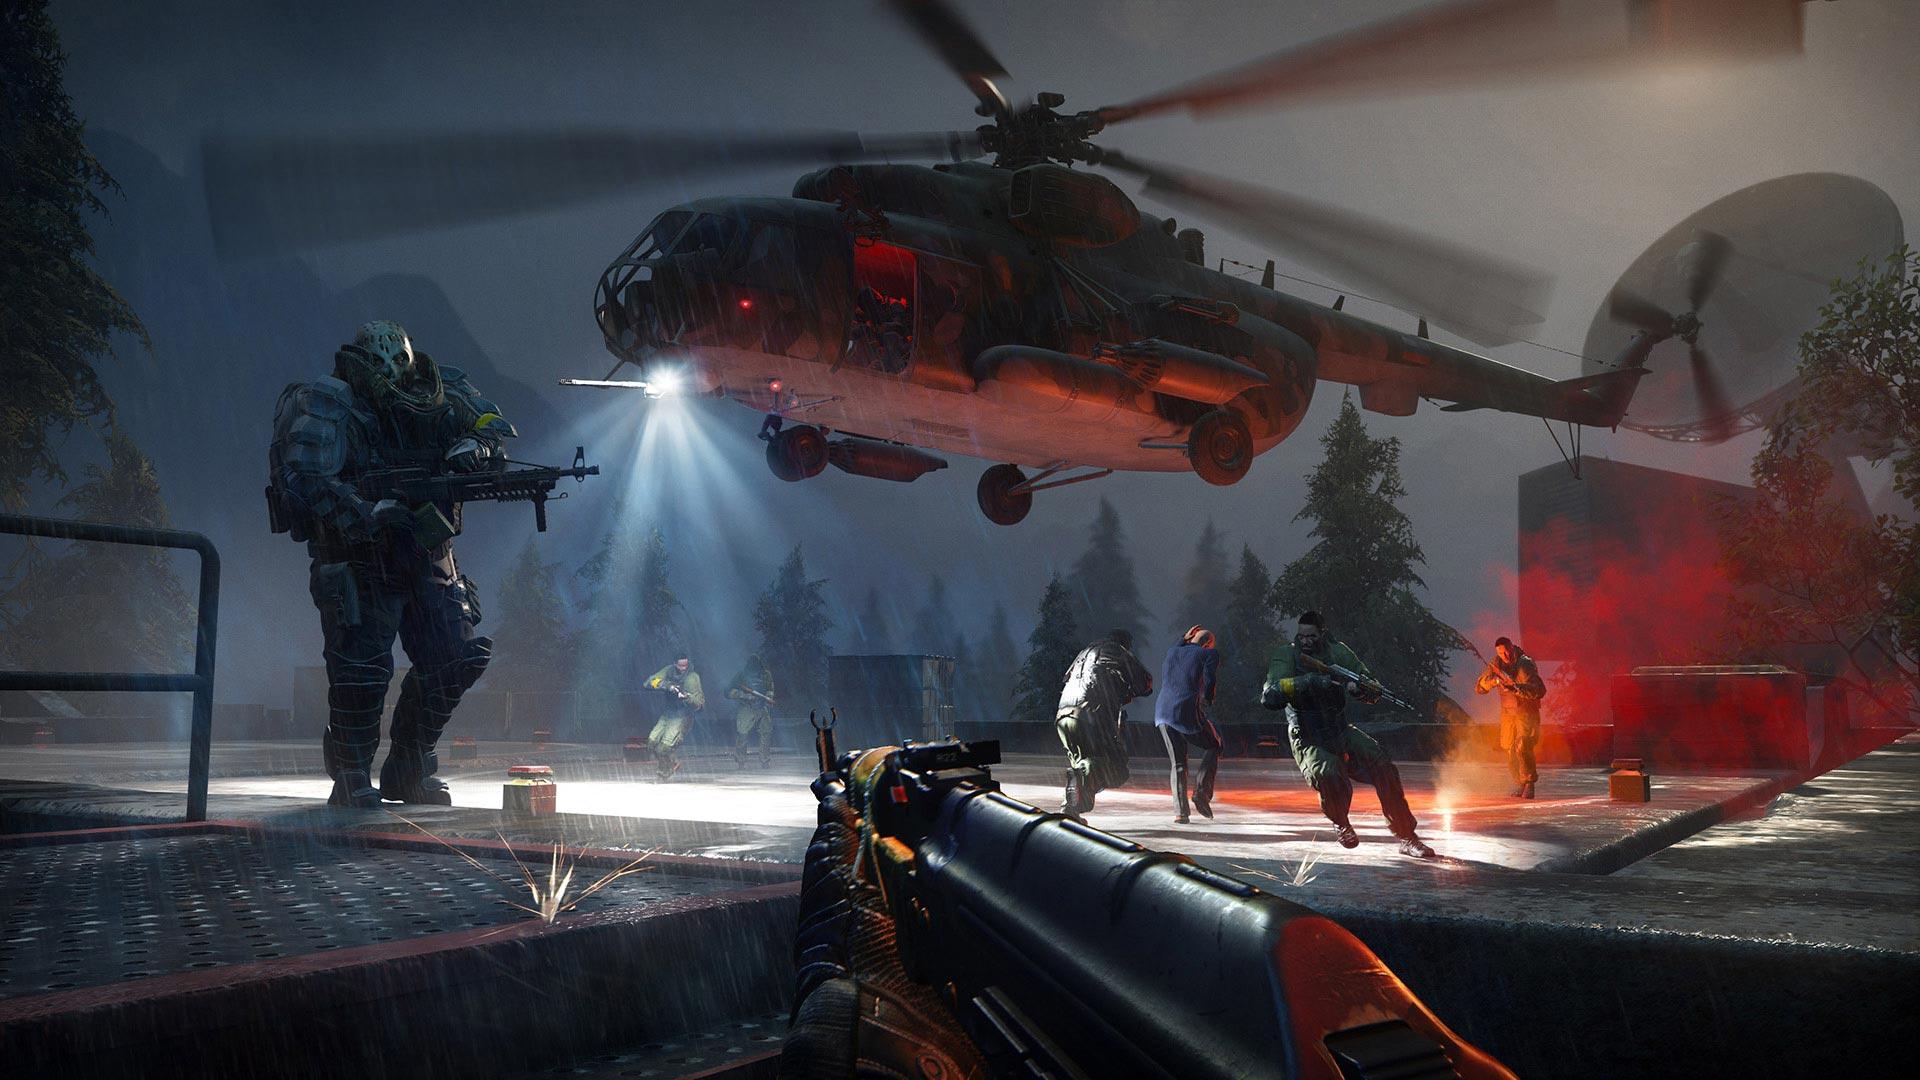 Скриншот к игре Sniper: Ghost Warrior 3 Gold Edition (2017) скачать торрент RePack от xatab